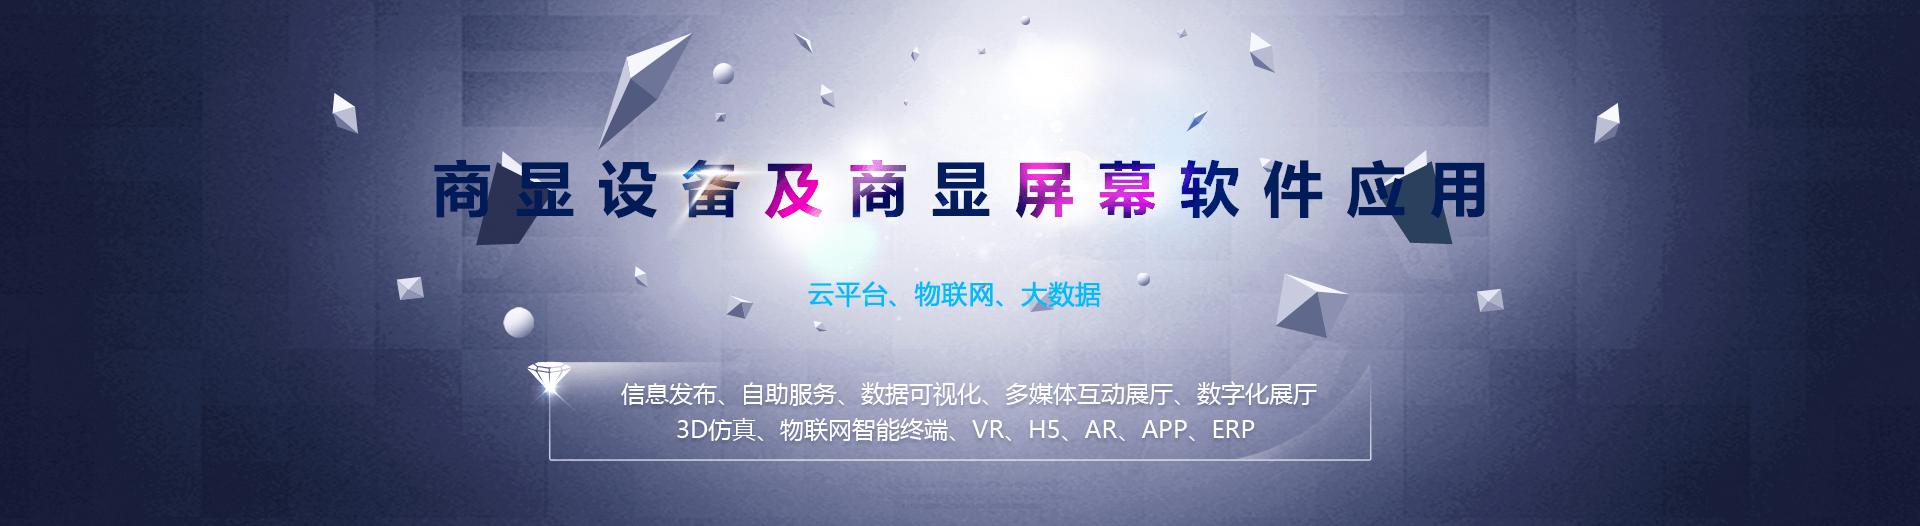 商显设备及商显屏幕应用,云平台,大数据展示,物联网应用,信息发布,自助服务,多媒体互动展厅,数字化展厅,3D仿真,物联网智能终端,3D,VR,H5,APP,EPR,CRM